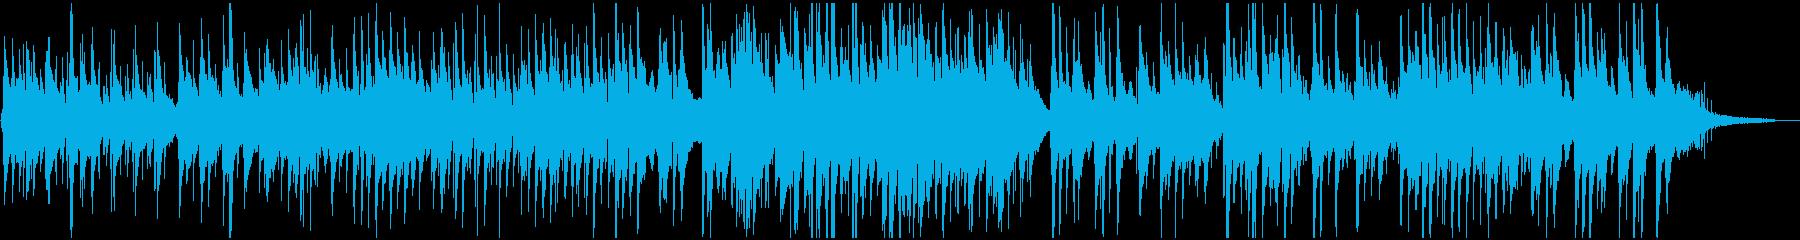 童謡『背くらべ』のピアノジャズアレンジの再生済みの波形